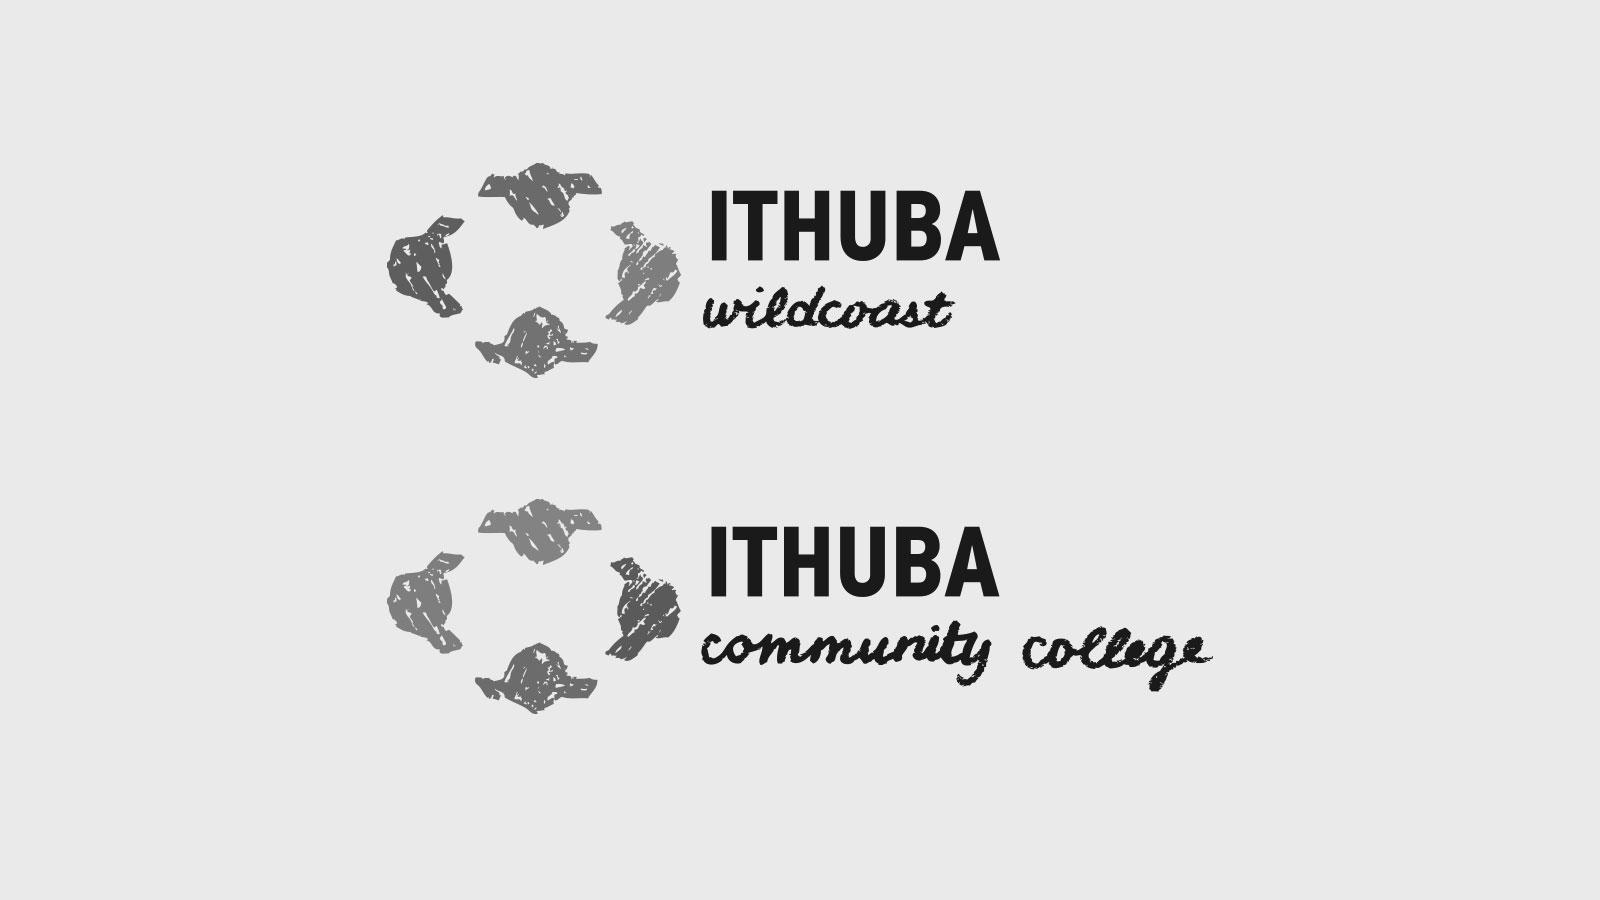 ithuba-1600x900-4